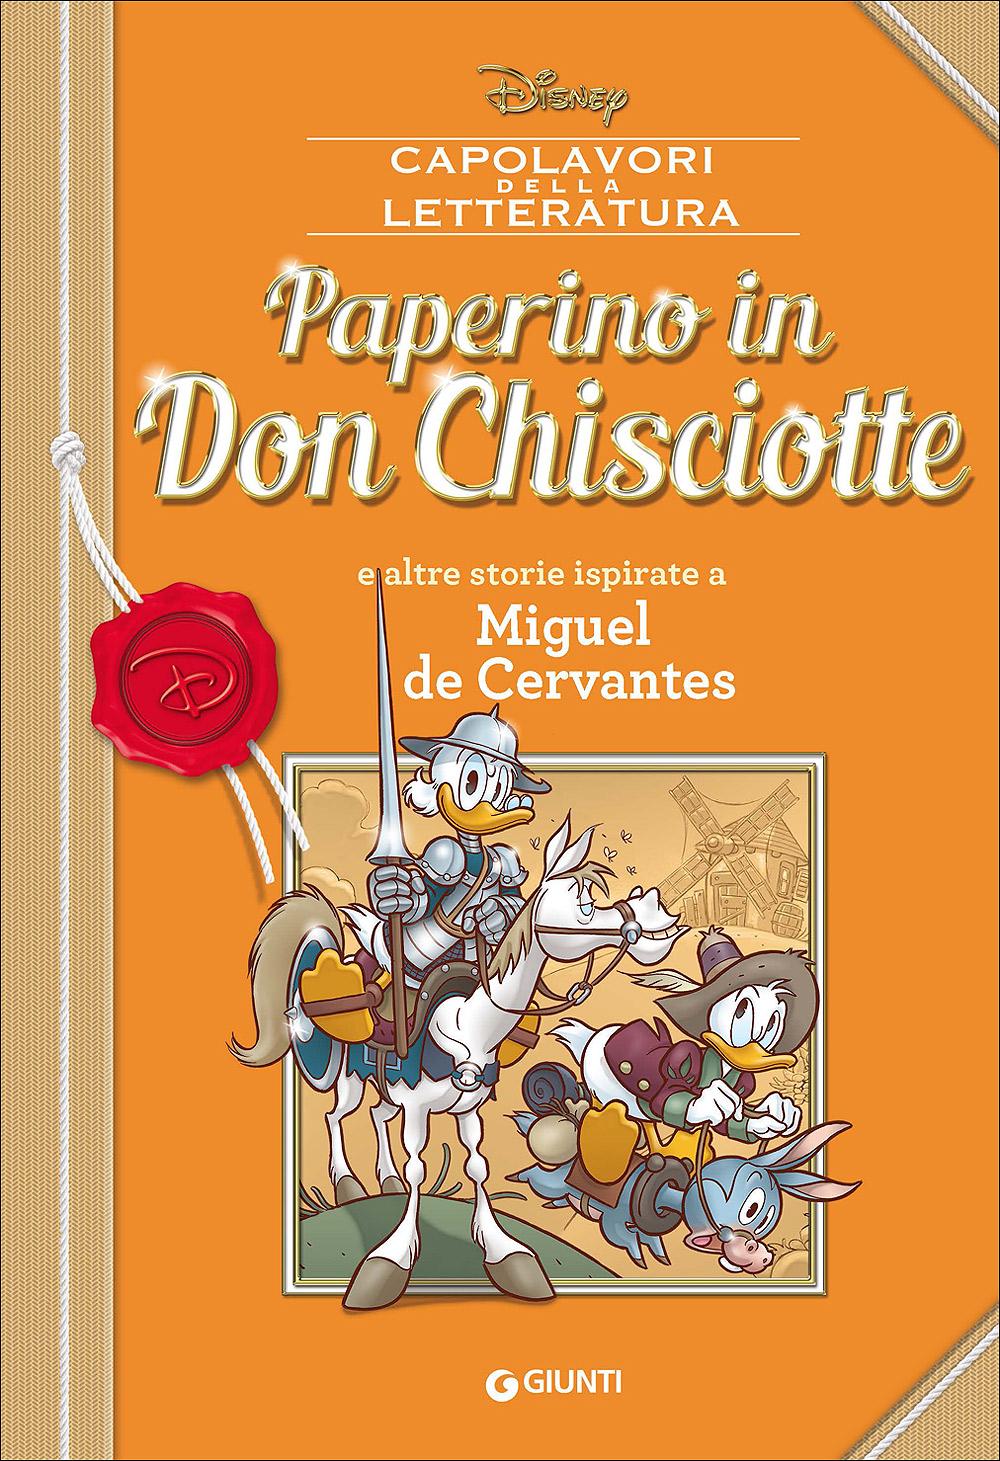 Cover Capolavori della Letteratura 6 - Paperino in Don Chisciotte